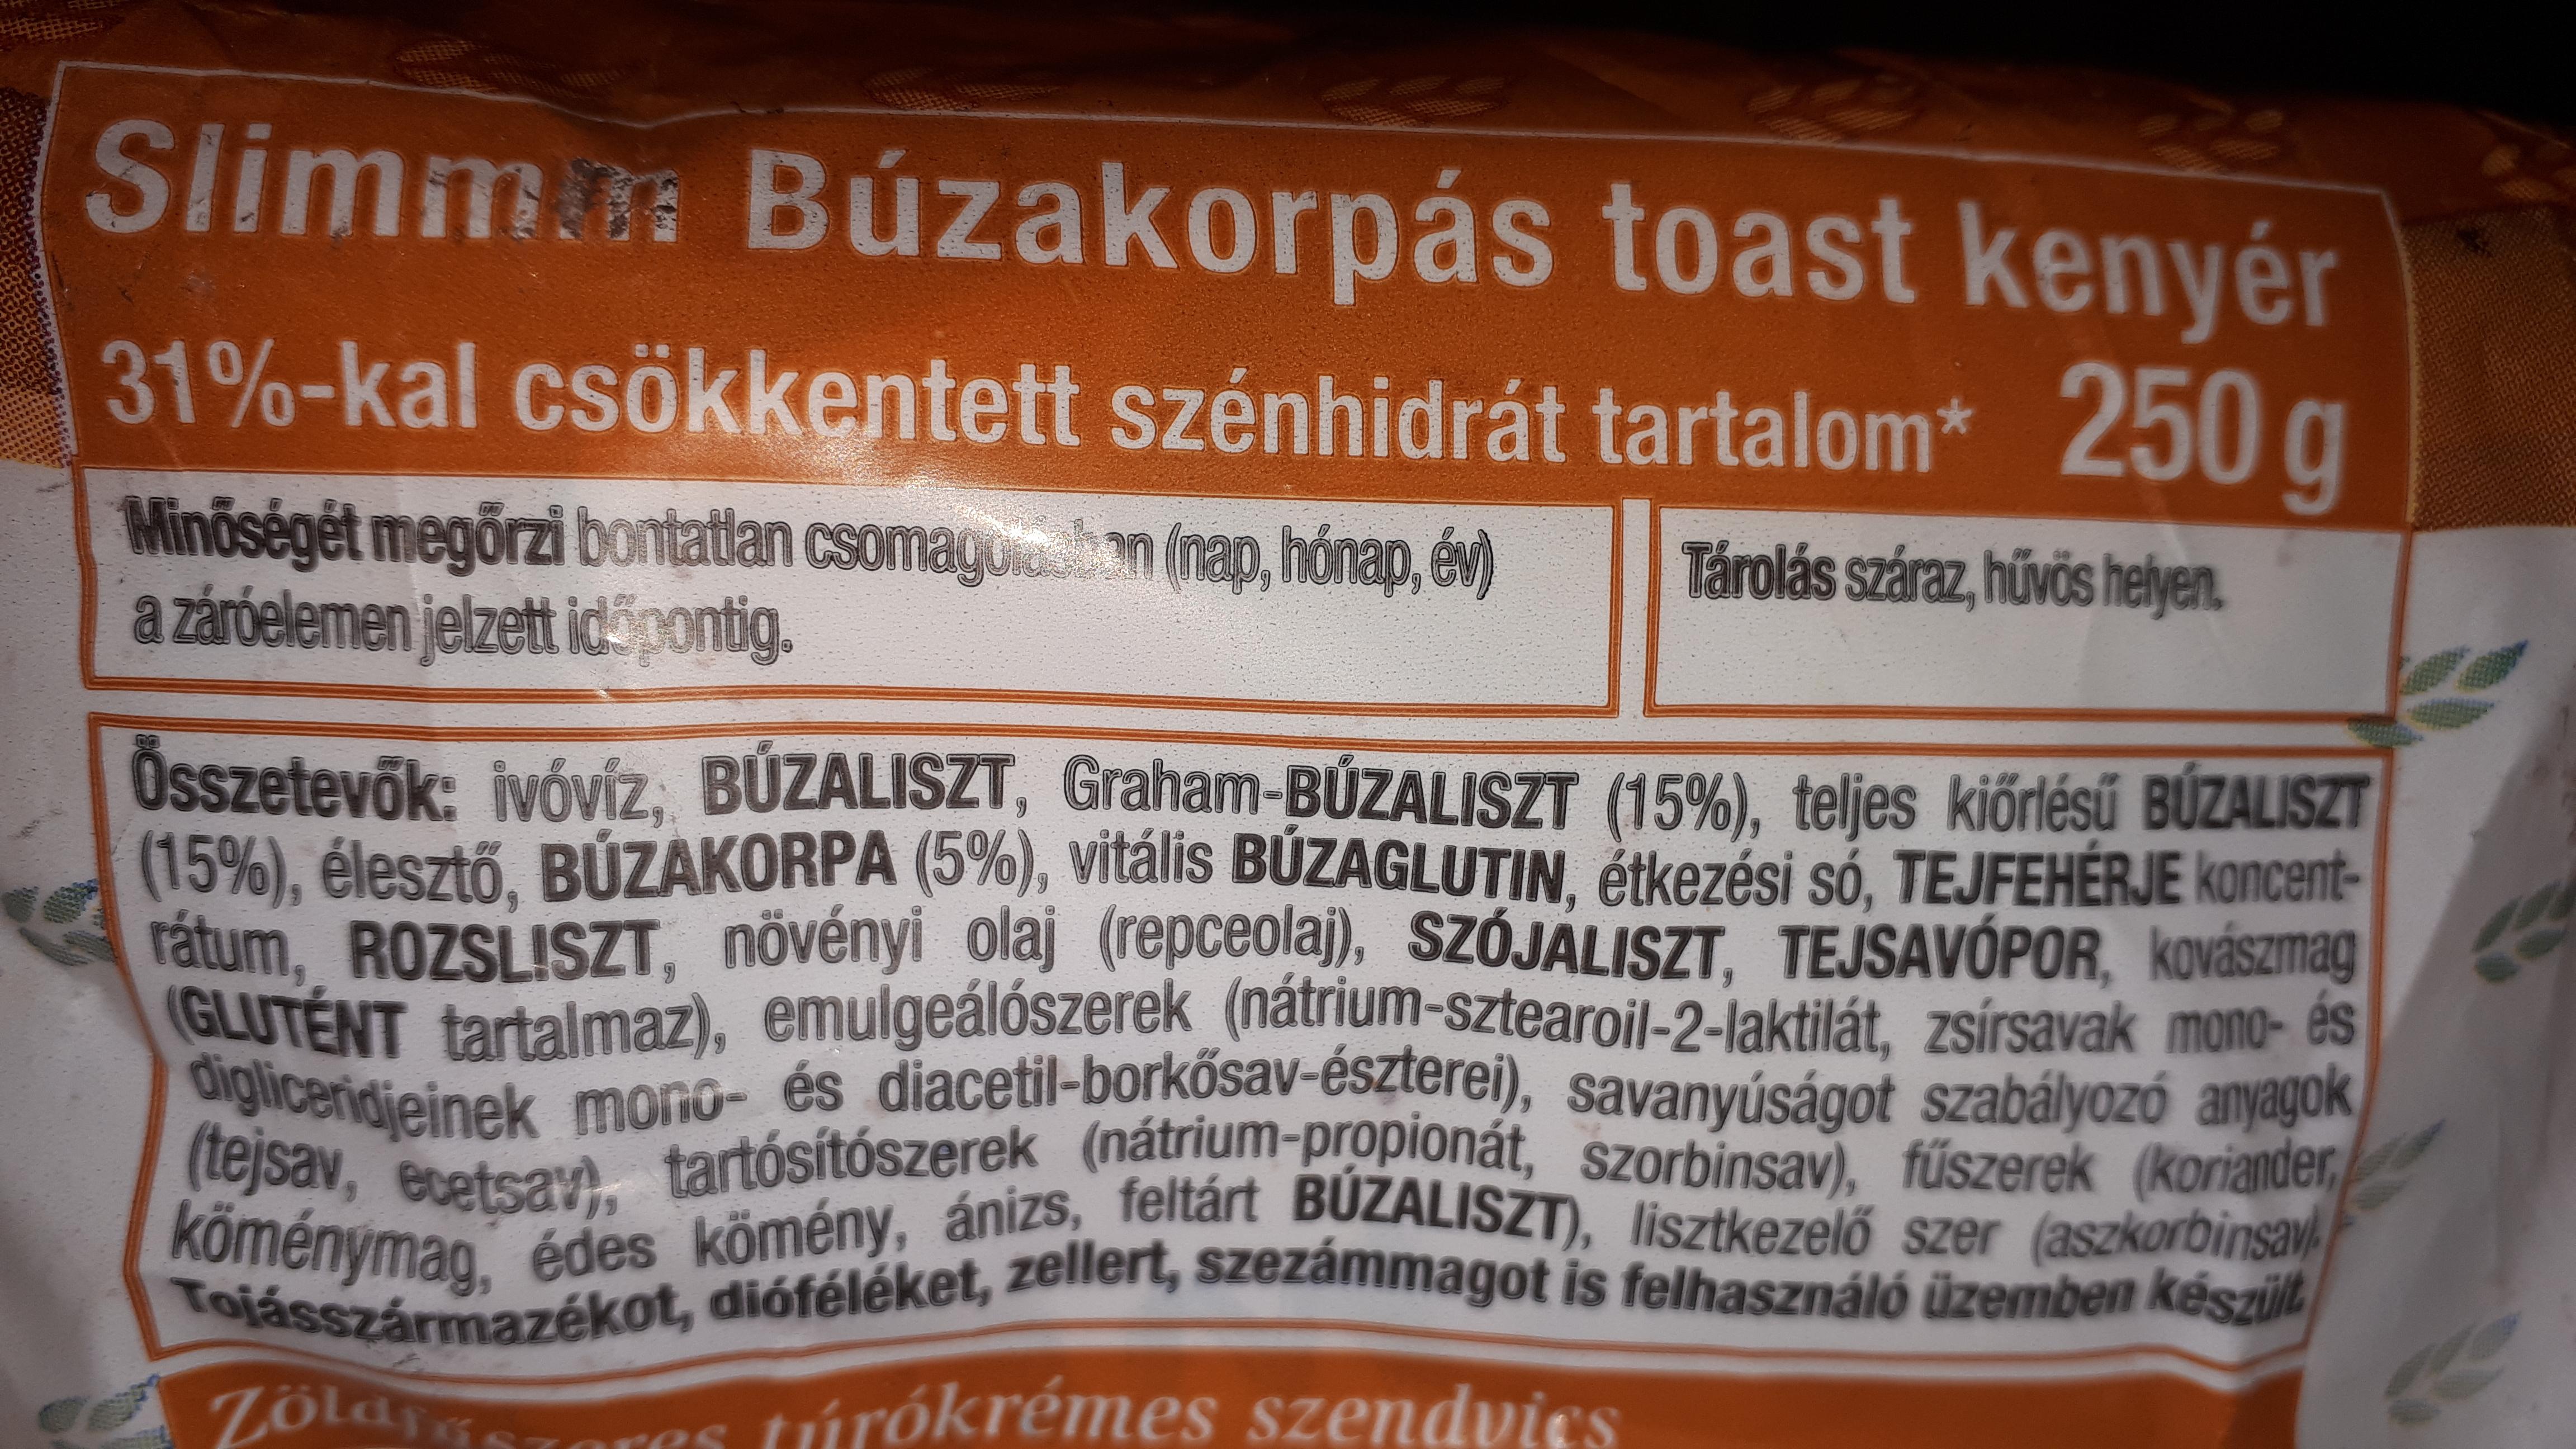 Ceres Slimm búzakorpás csökkentett szénhidráttartalmú kenyér